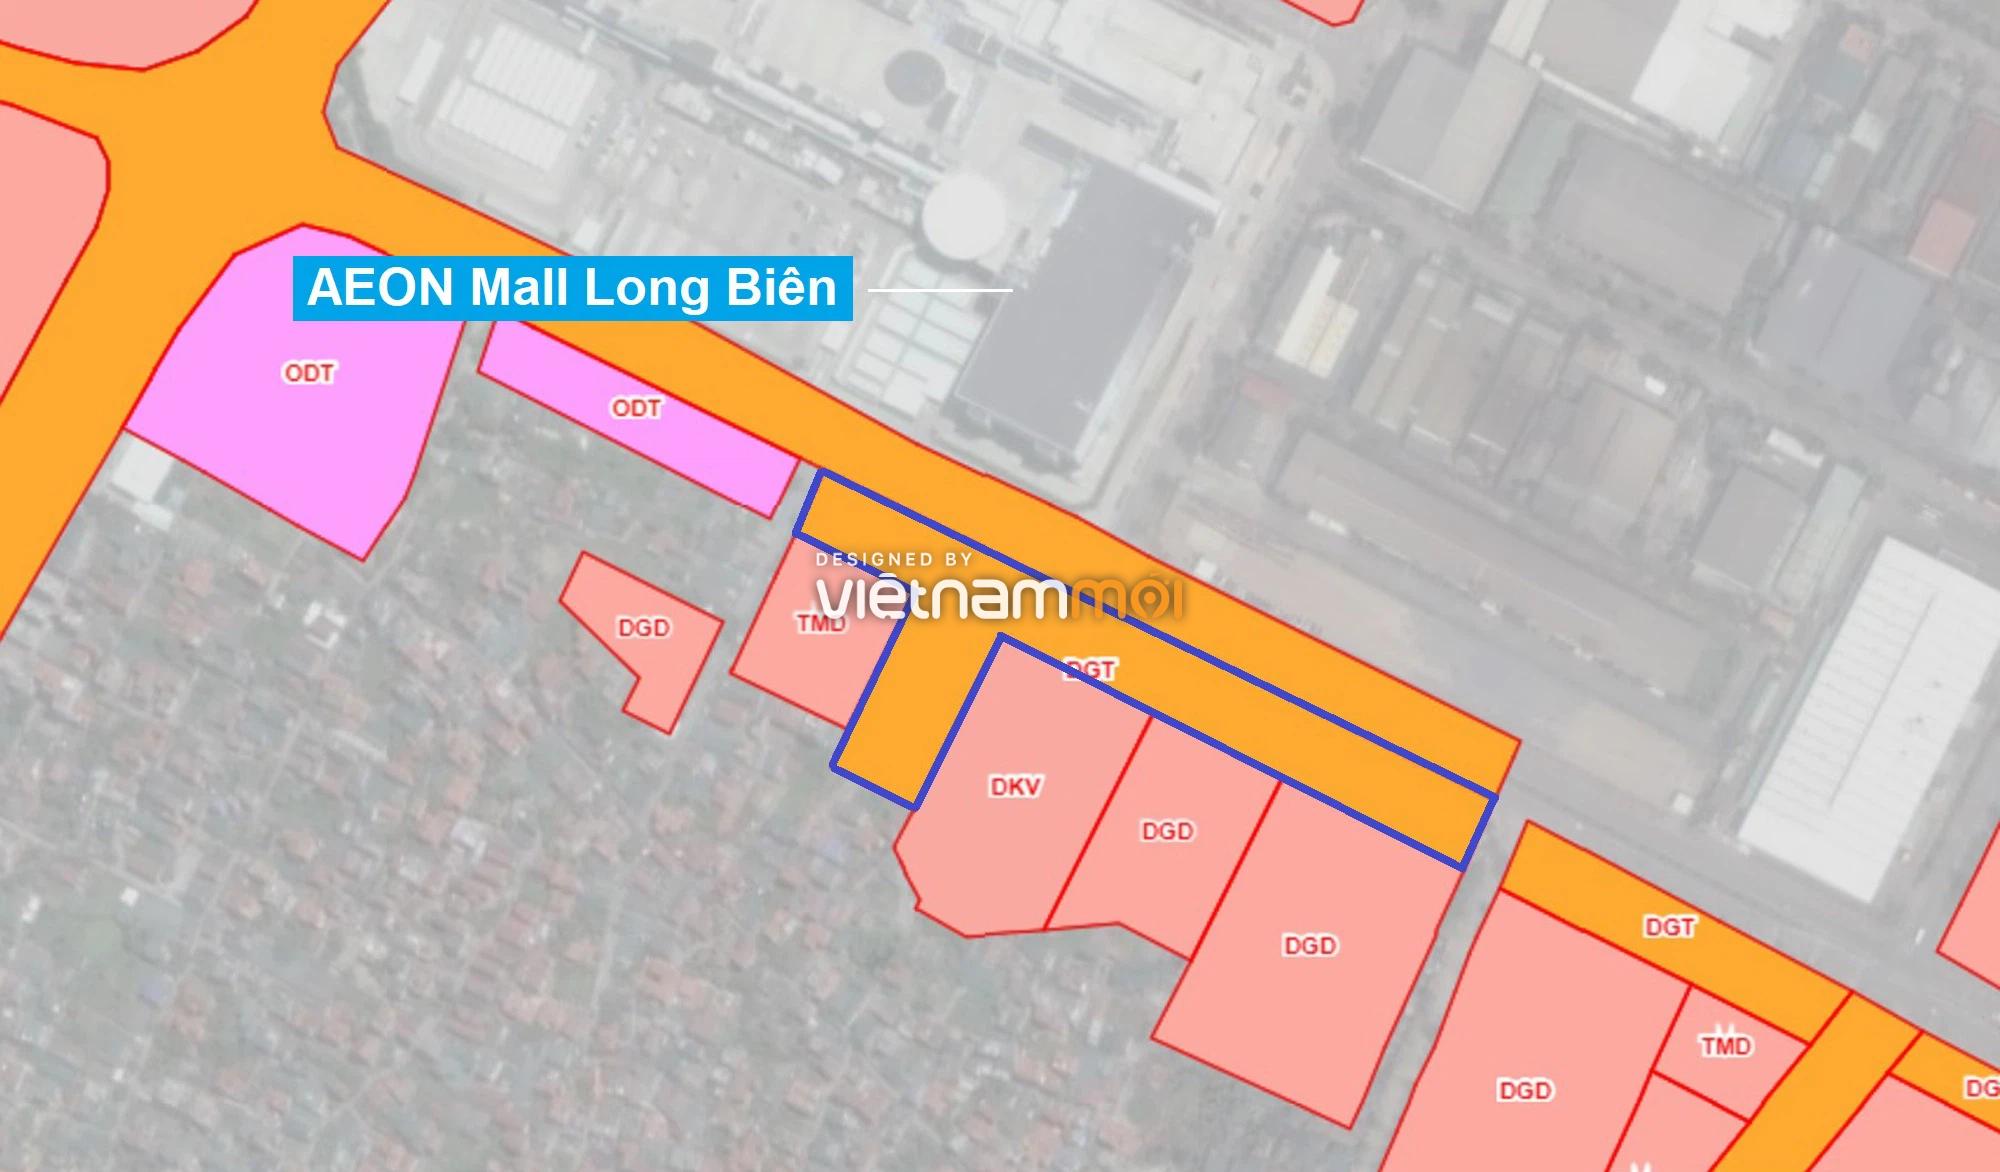 Những khu đất sắp thu hồi để mở đường ở phường Long Biên, Long Biên, Hà Nội (phần 3) - Ảnh 6.